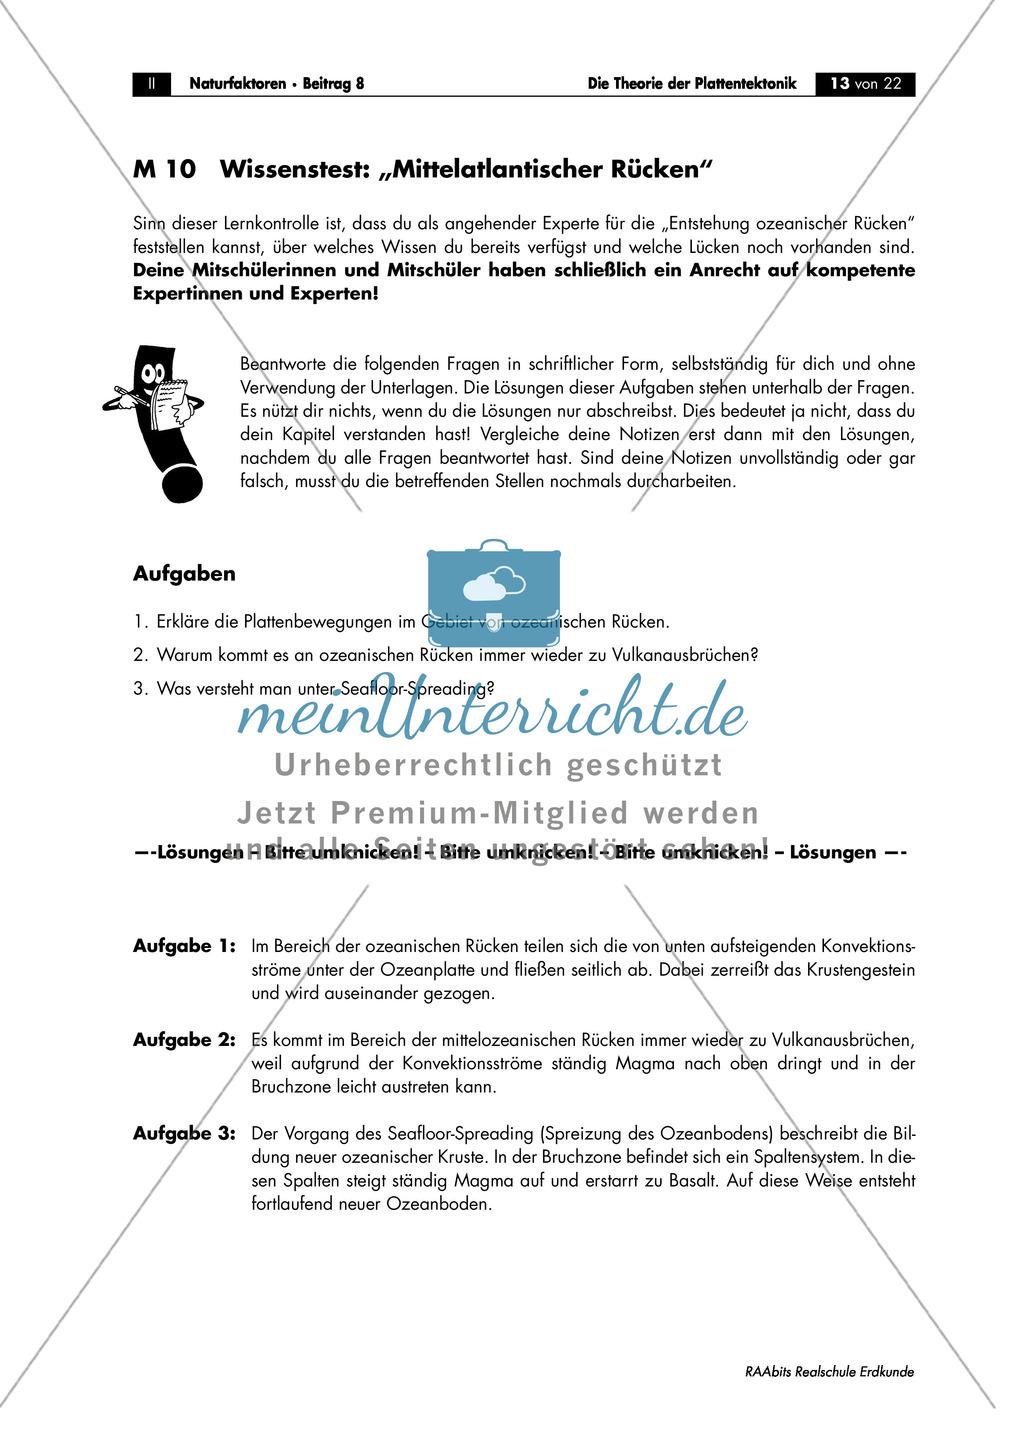 Plattentektonik anhand von Raumbeispielen: Mittelatlantischer Rücken Preview 1